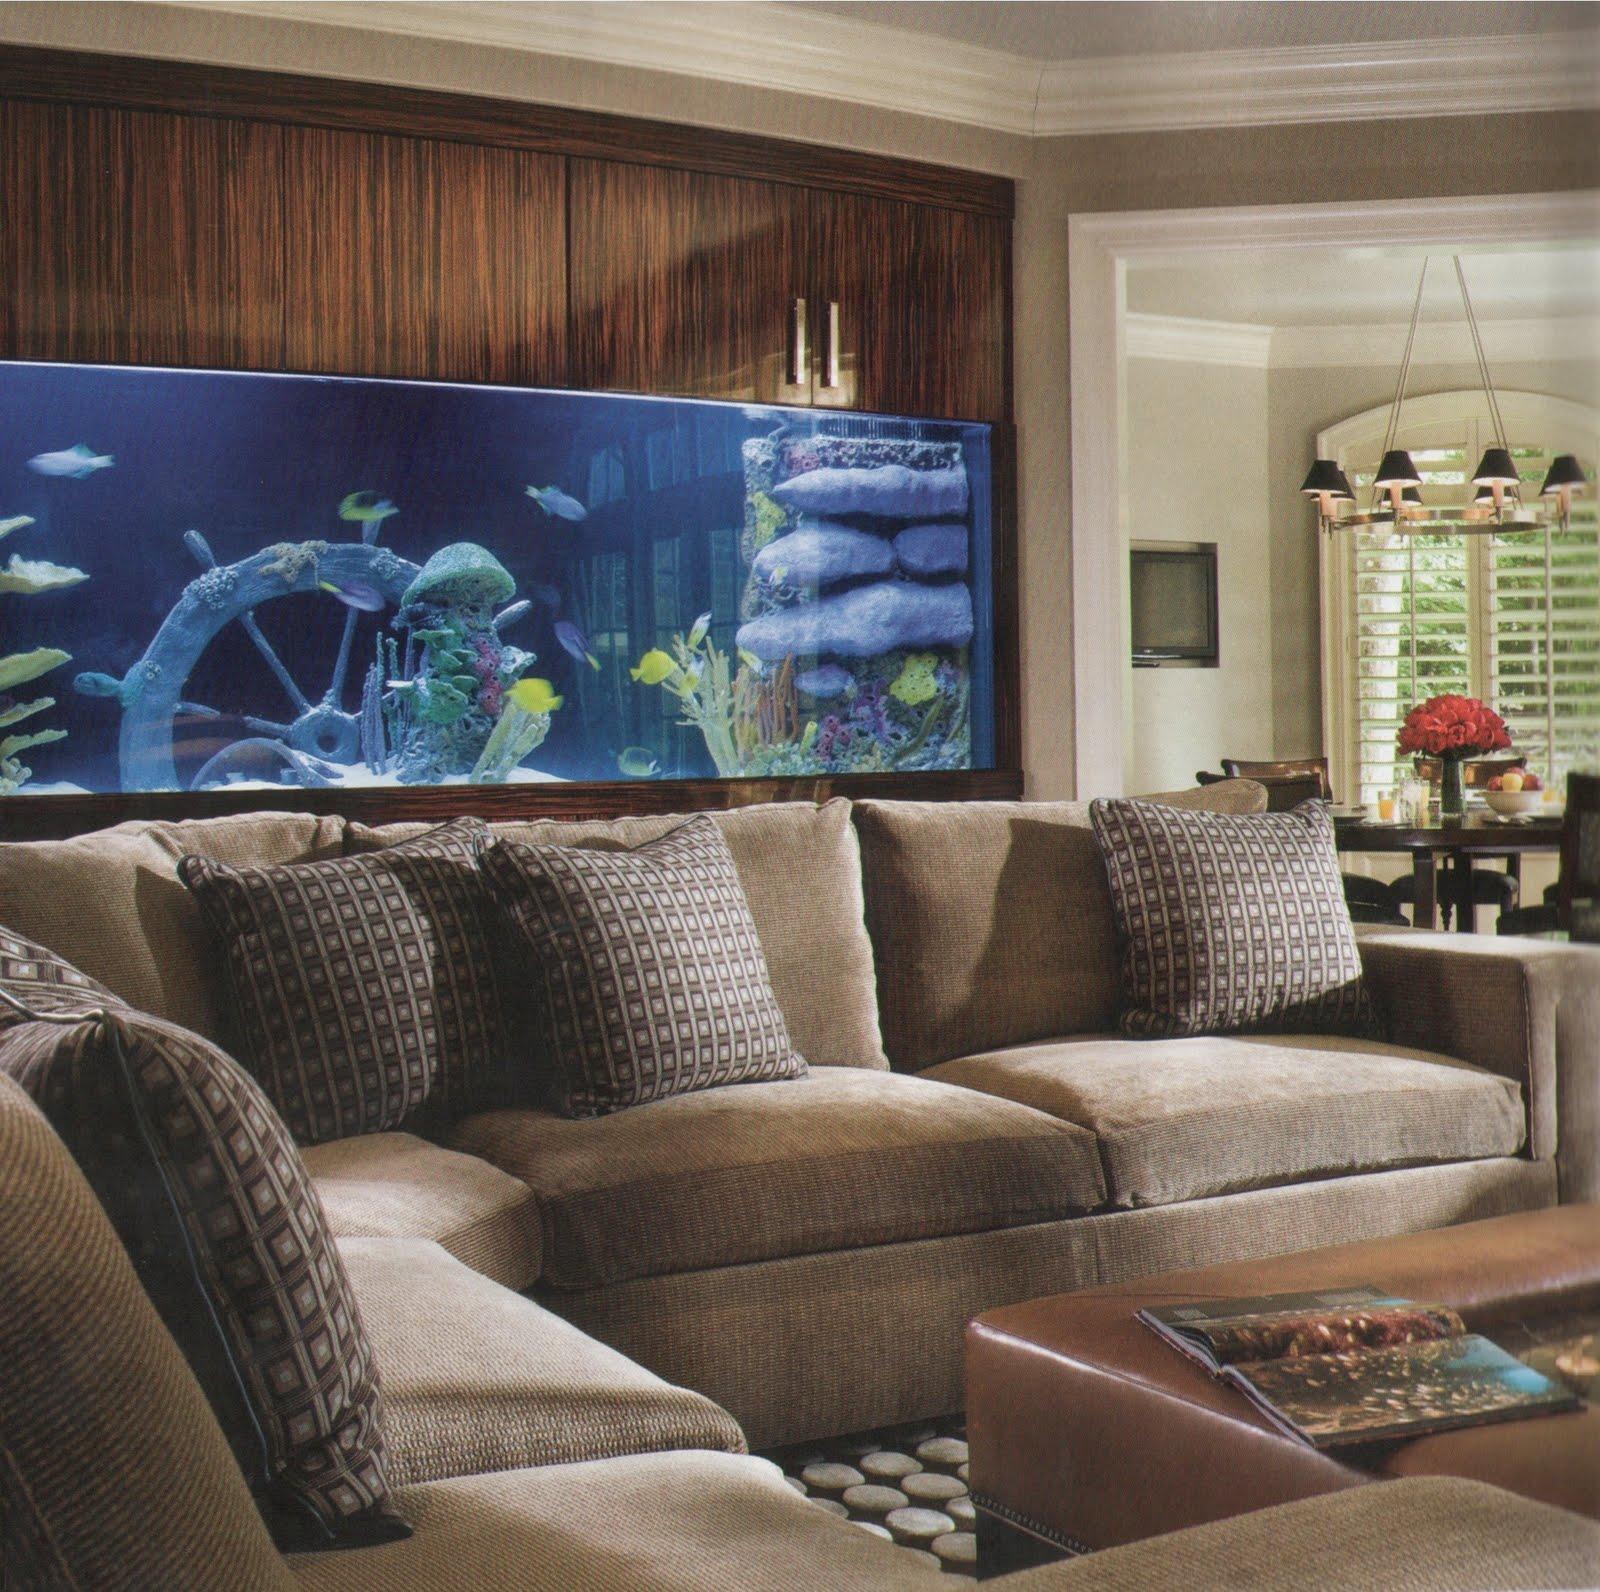 home aquarium, beautiful, elegant, trendy, stylish, interior ...